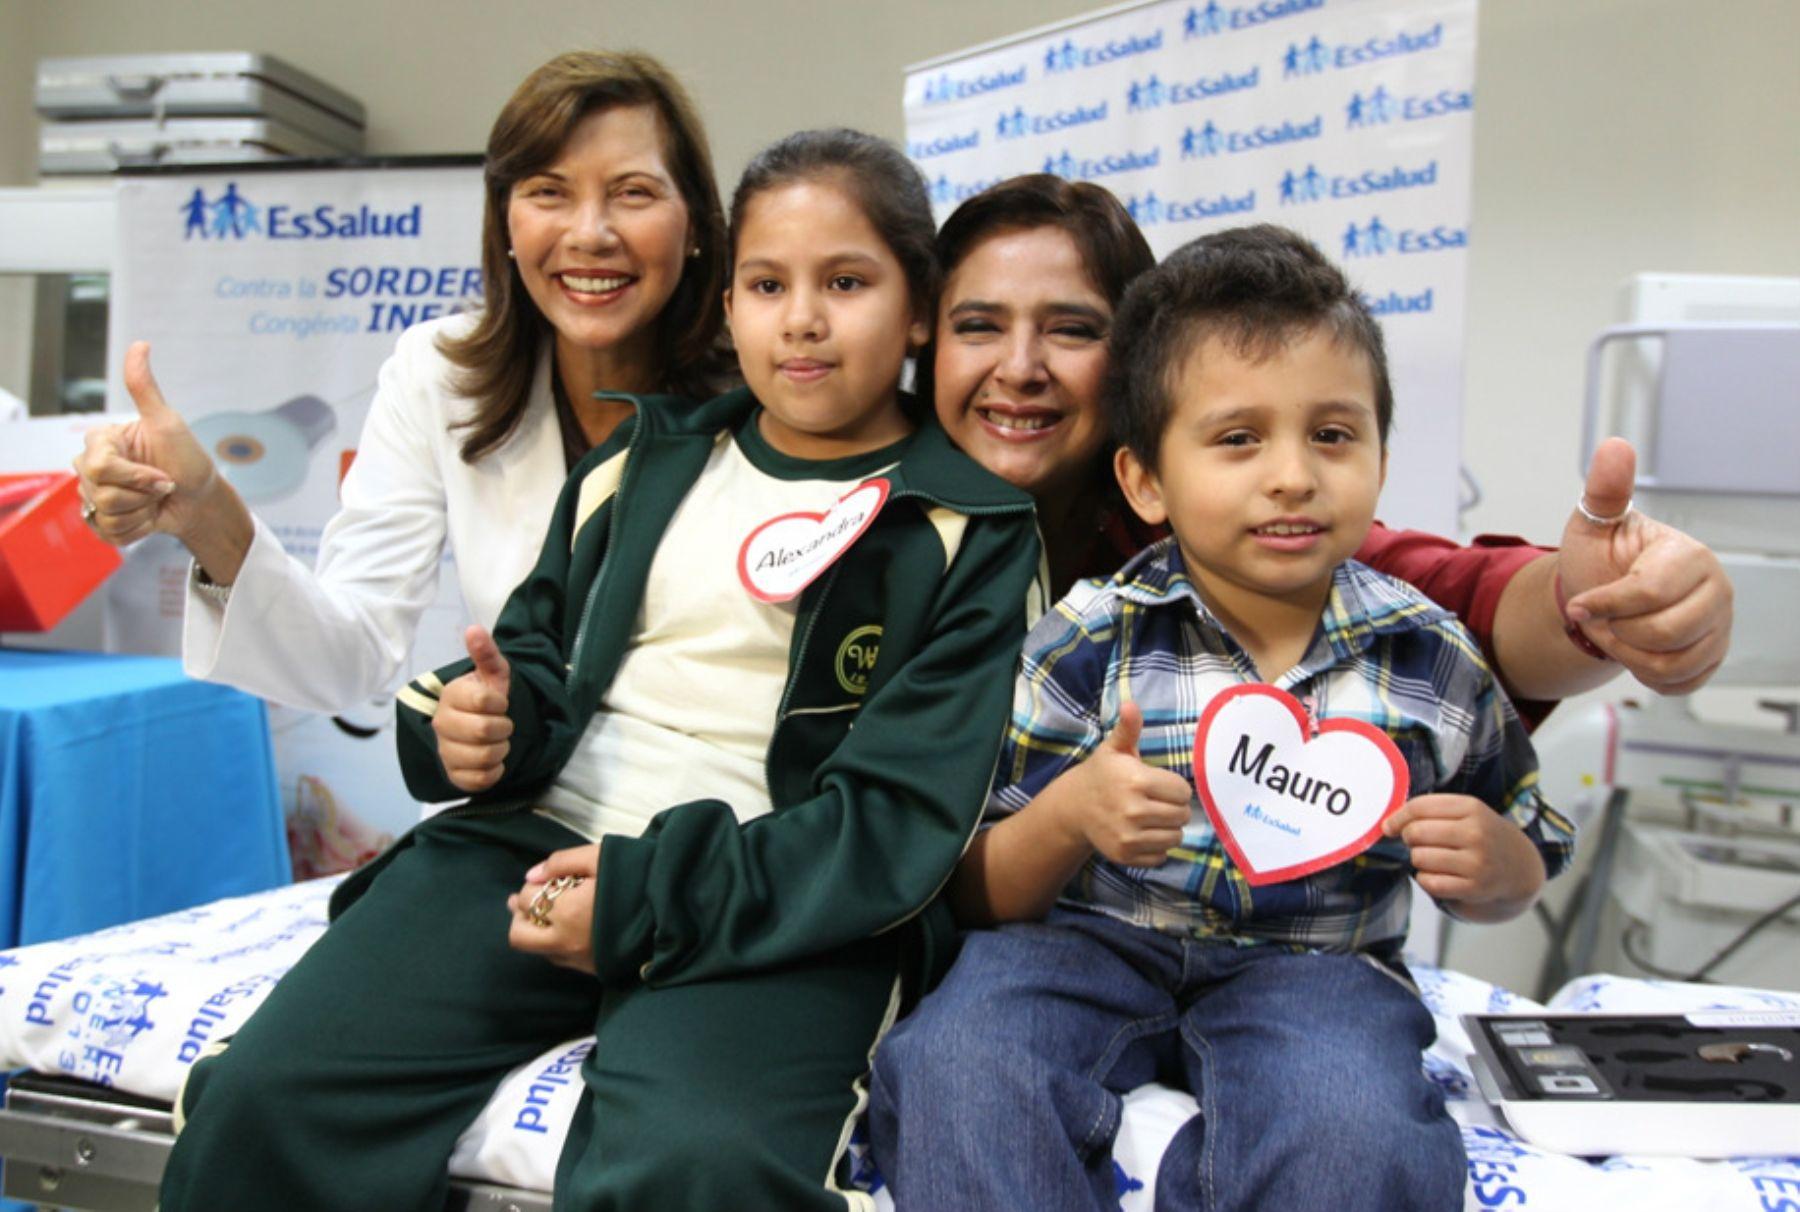 EsSalud invertirá S/. 16 millones en compra de implantes para sordera infantil